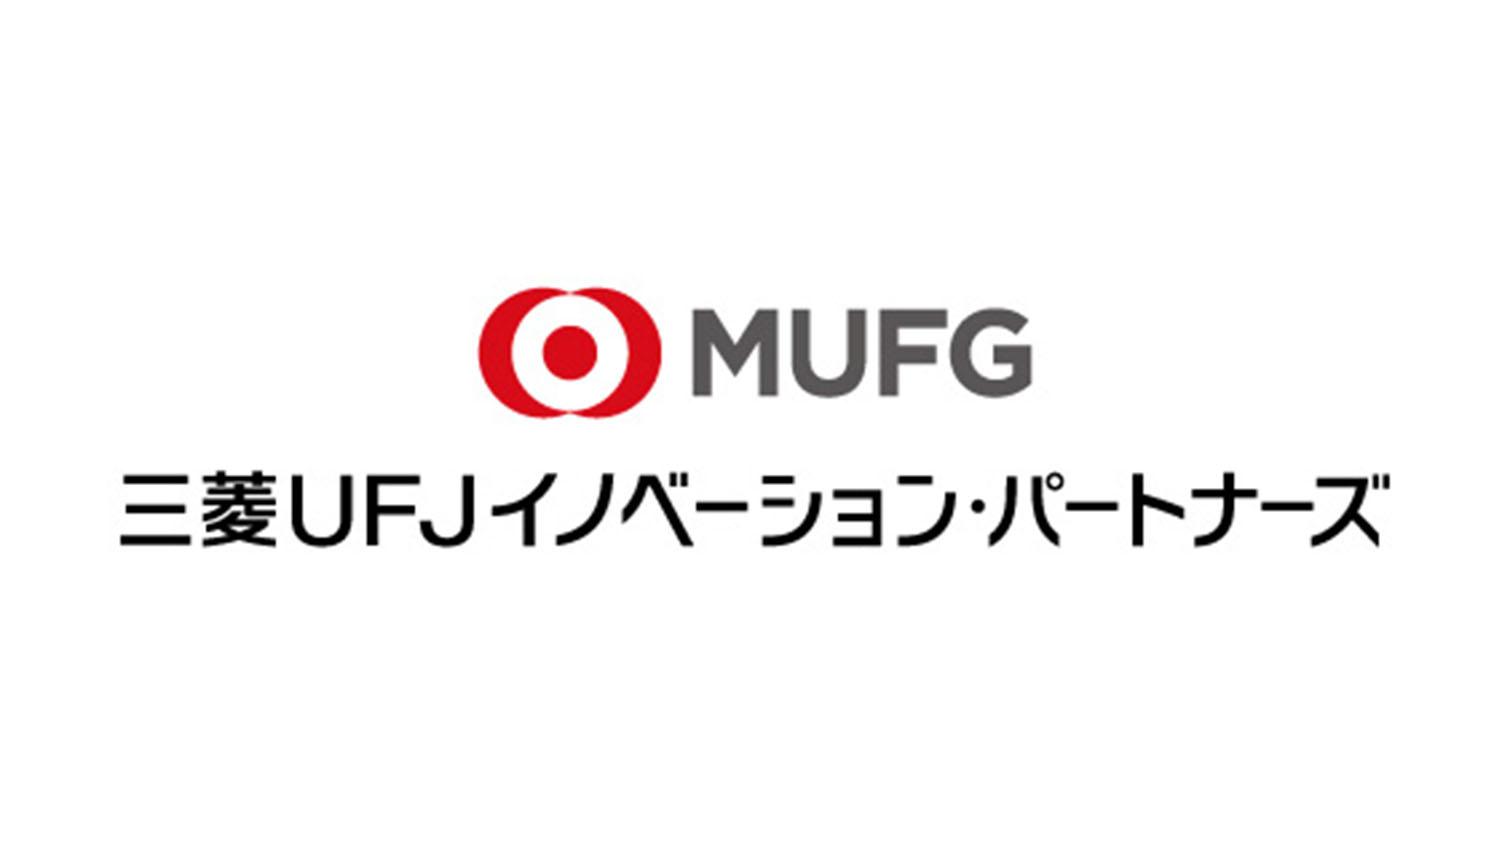 三菱 UFJ イノベーション・パートナーズ 2号投資事業組合の設立について